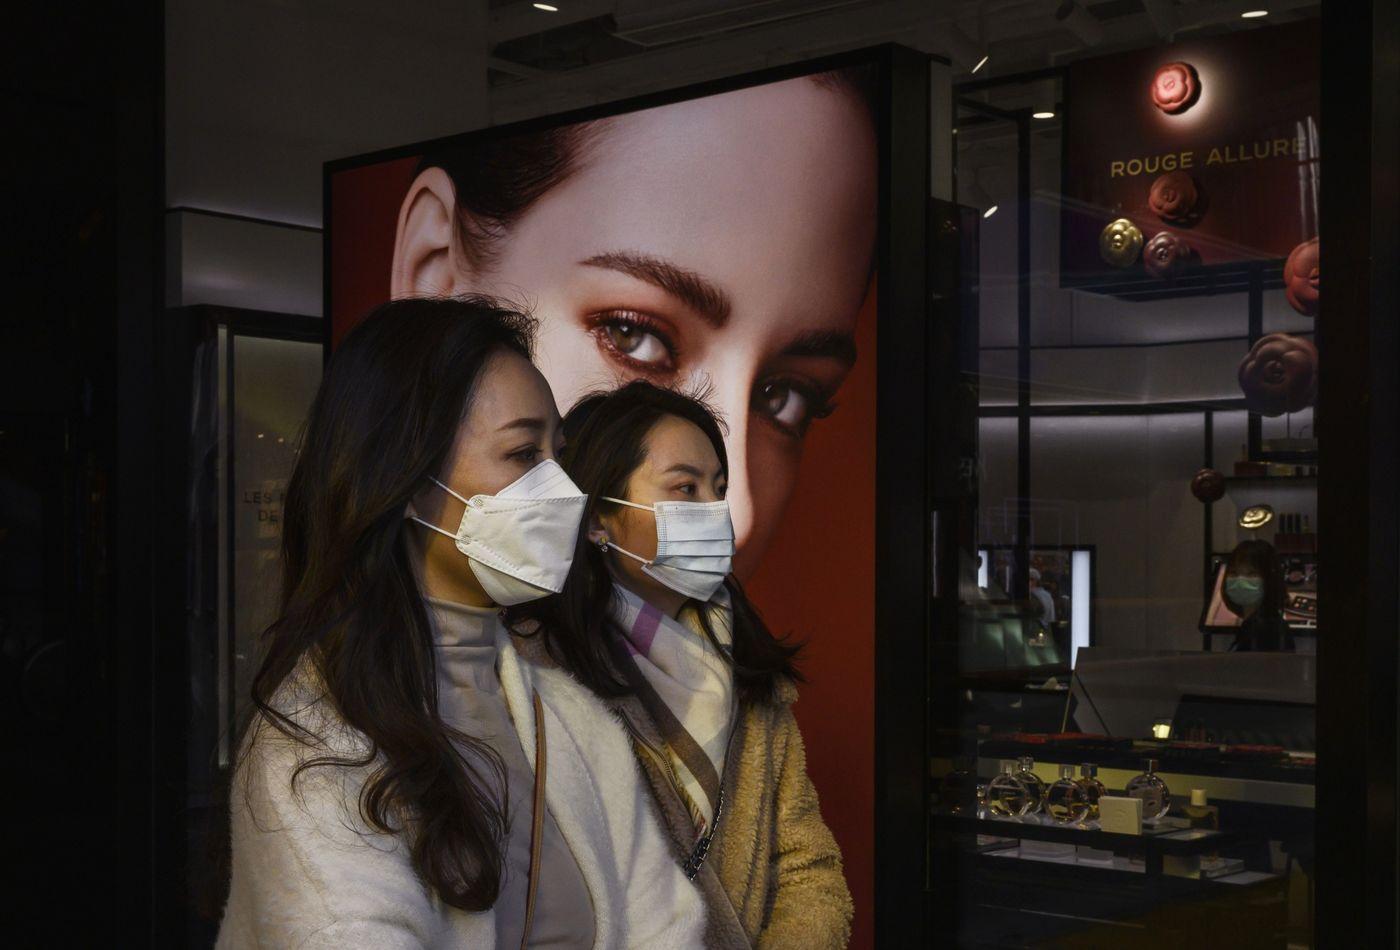 Không 'mua sắm trả thù', người tiêu dùng Trung Quốc chỉ mua gạo, mì gói sau dịch Covid-19 - Ảnh 3.